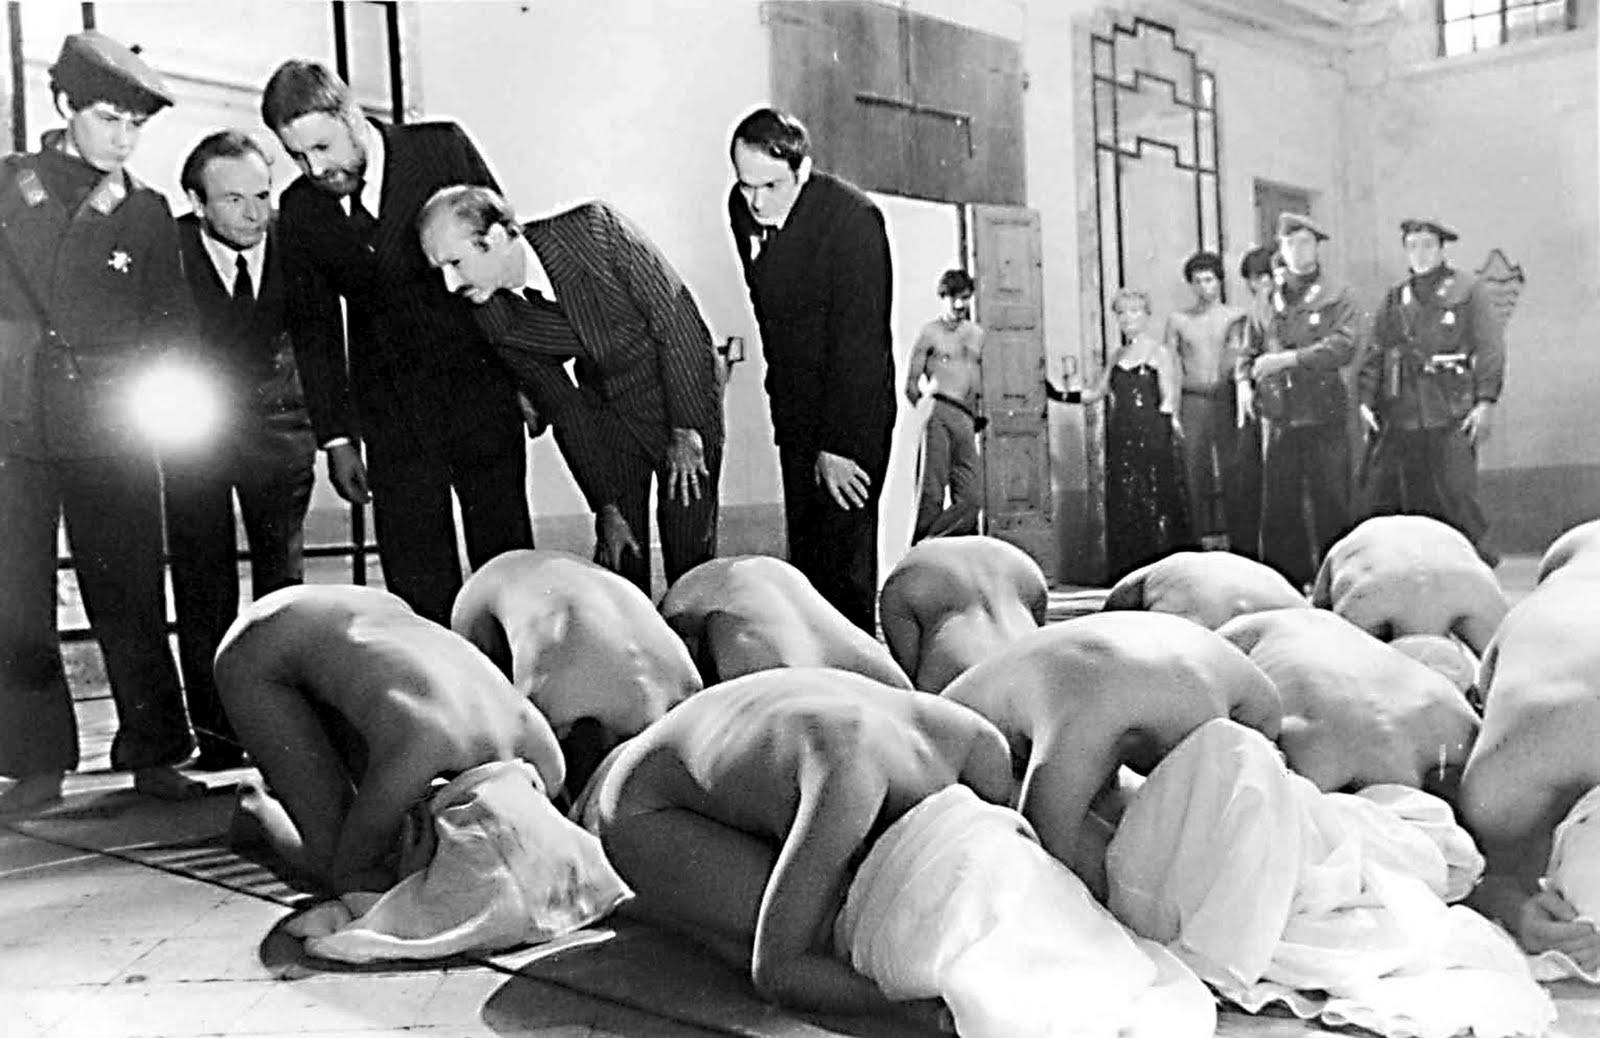 Колония Дигнидад - тайное поселение беглых нацистов